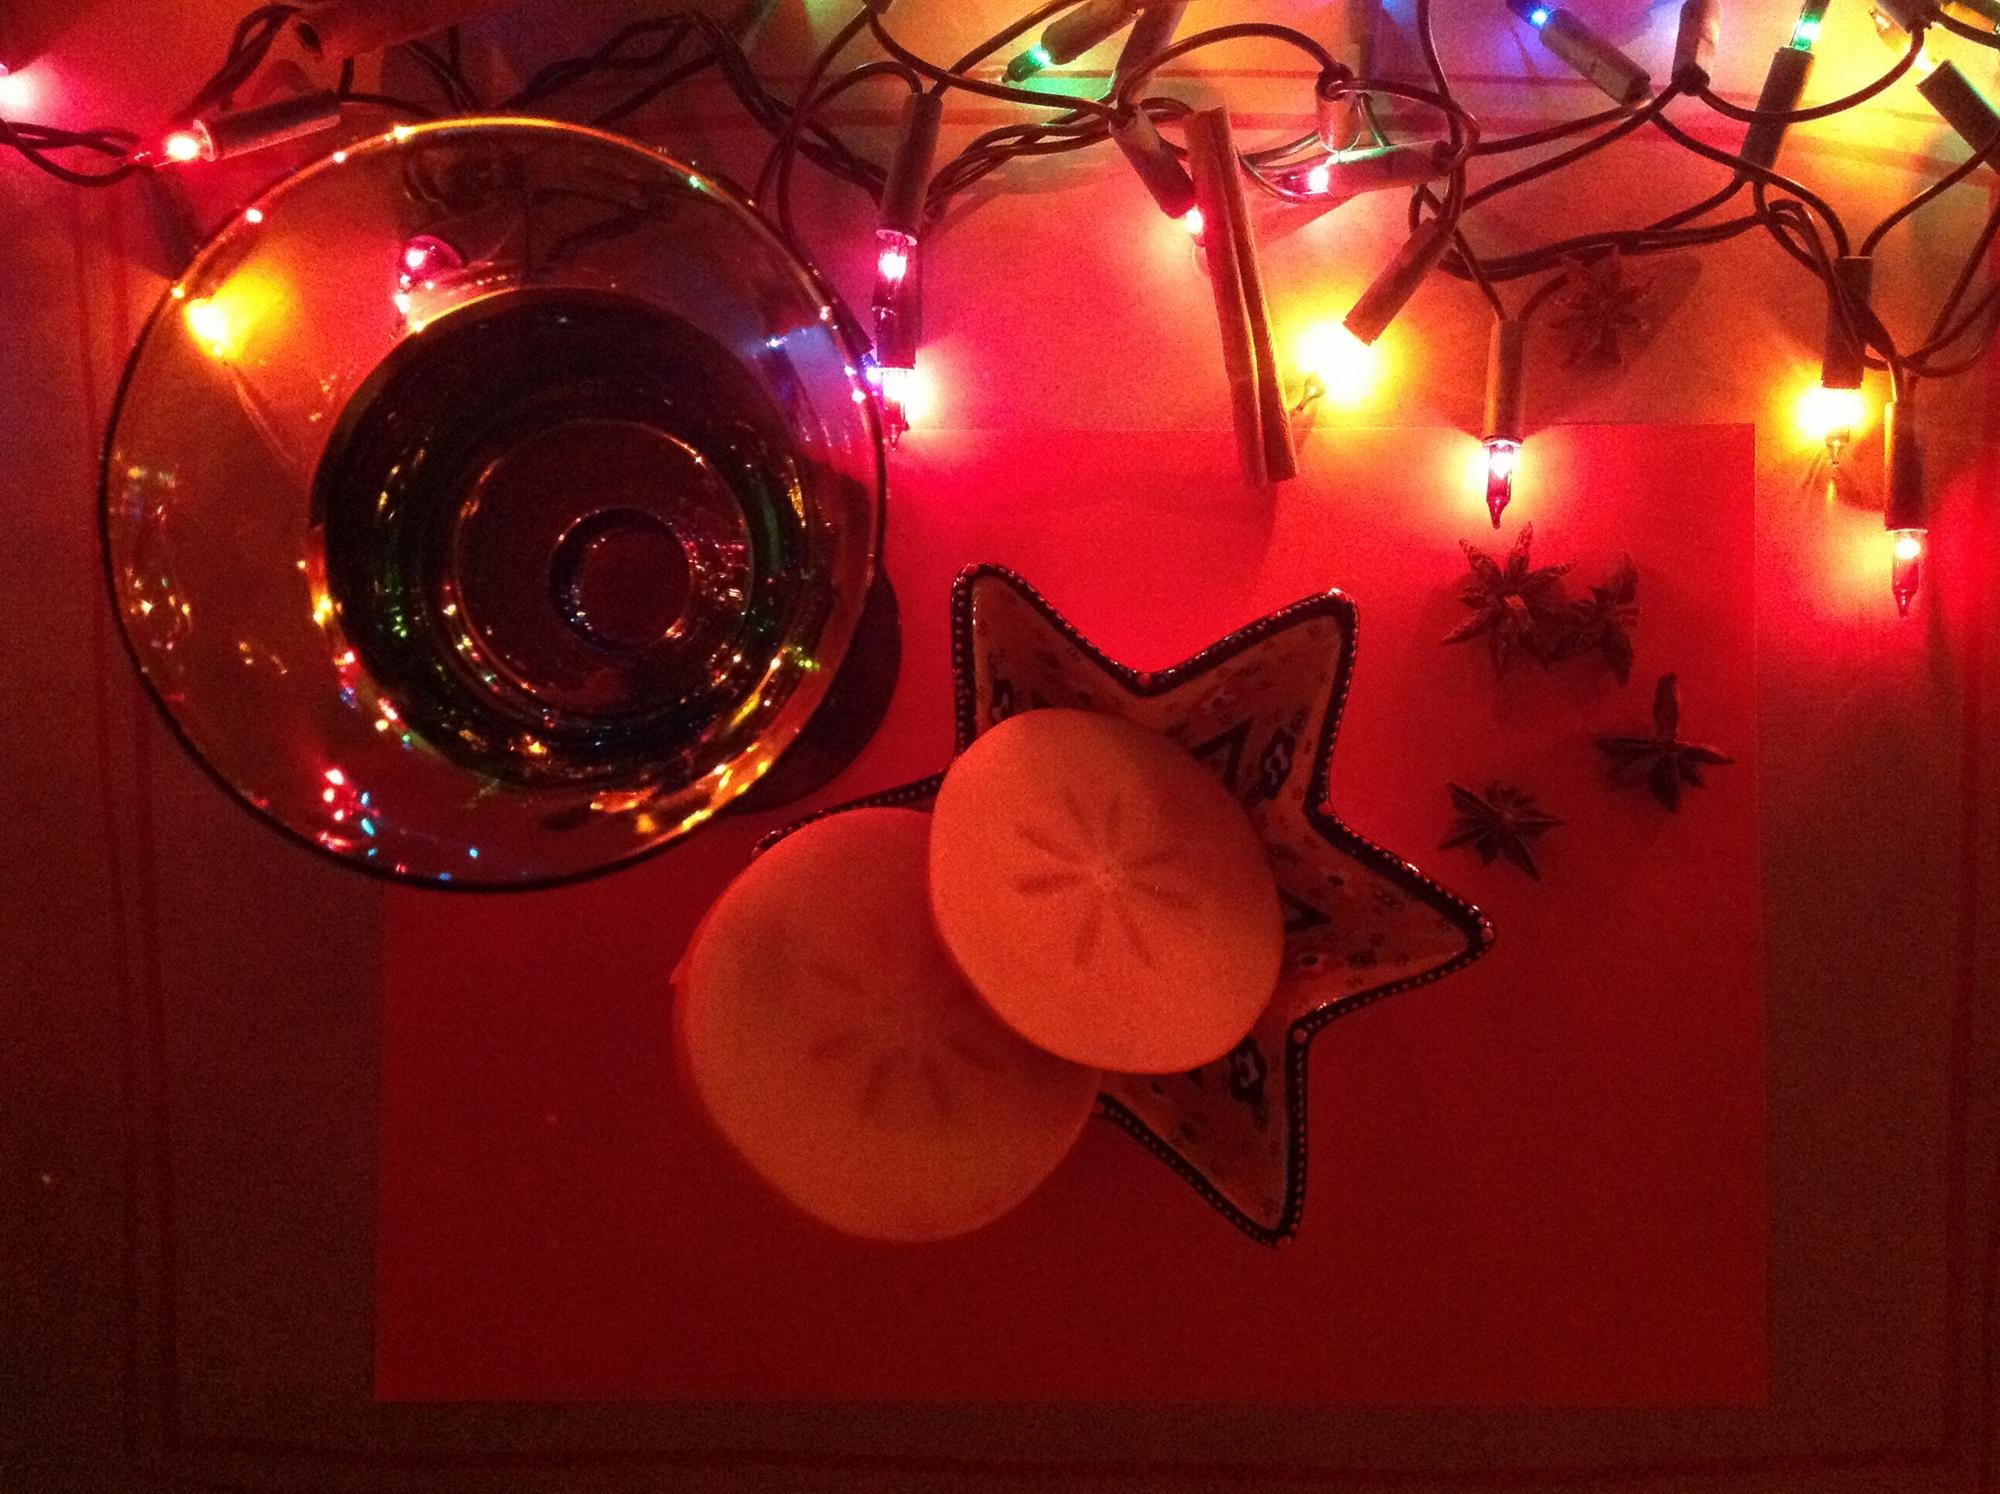 10 gwiazda_betlejemska_boze_narodzenie_wigilia_dekoracje_stol_na_swieta_pomysly_christmas_decorationg_ideas_home_decor_interio_design_holiday_table_setting_forelements_blog